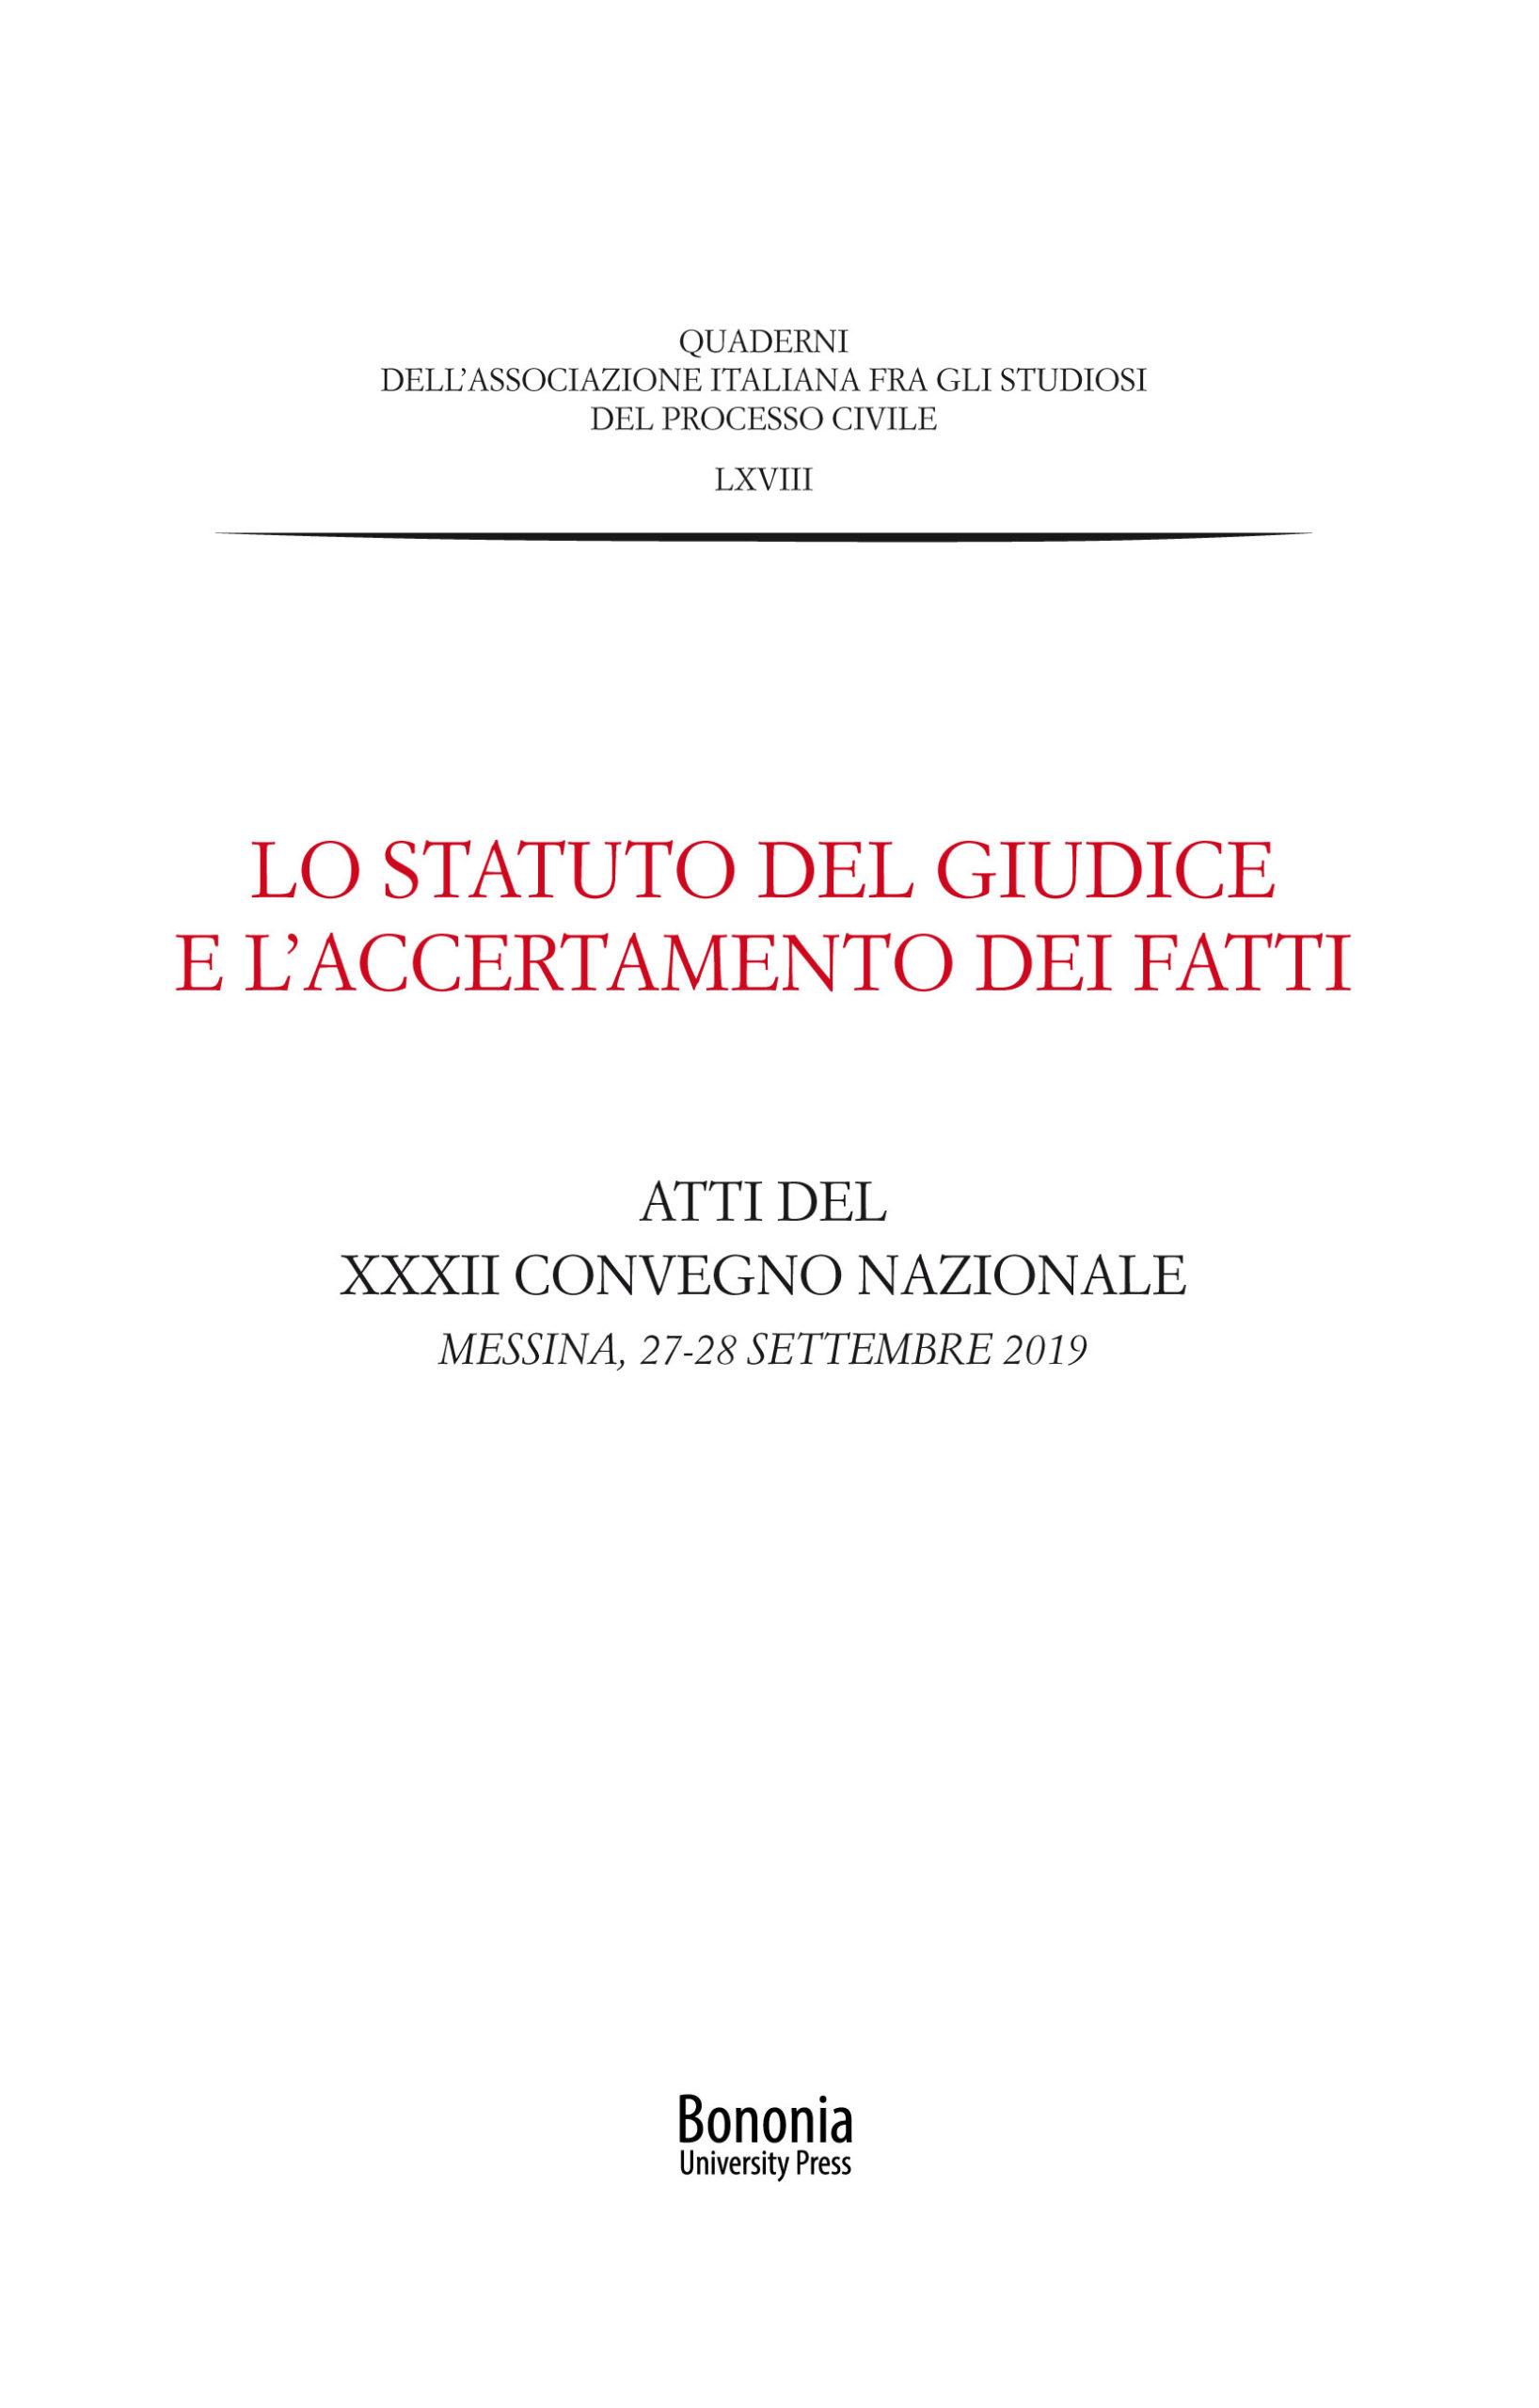 Lo statuto del giudice e l'accertamento dei fatti - Bononia University Press